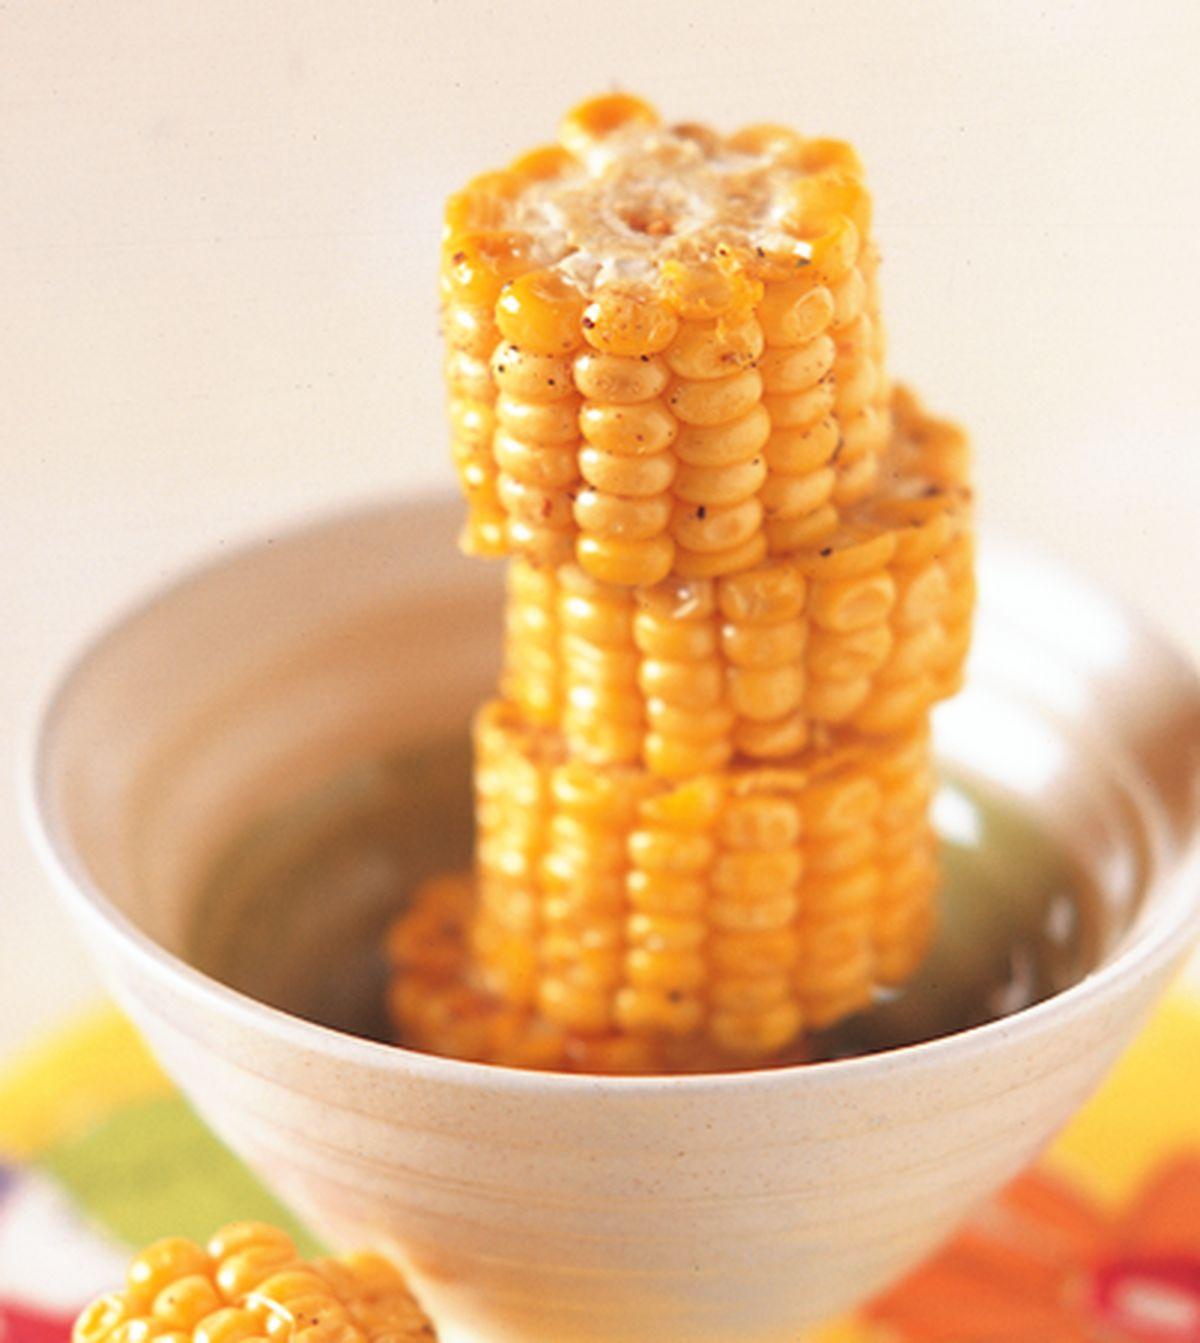 食譜:油炸甜玉米